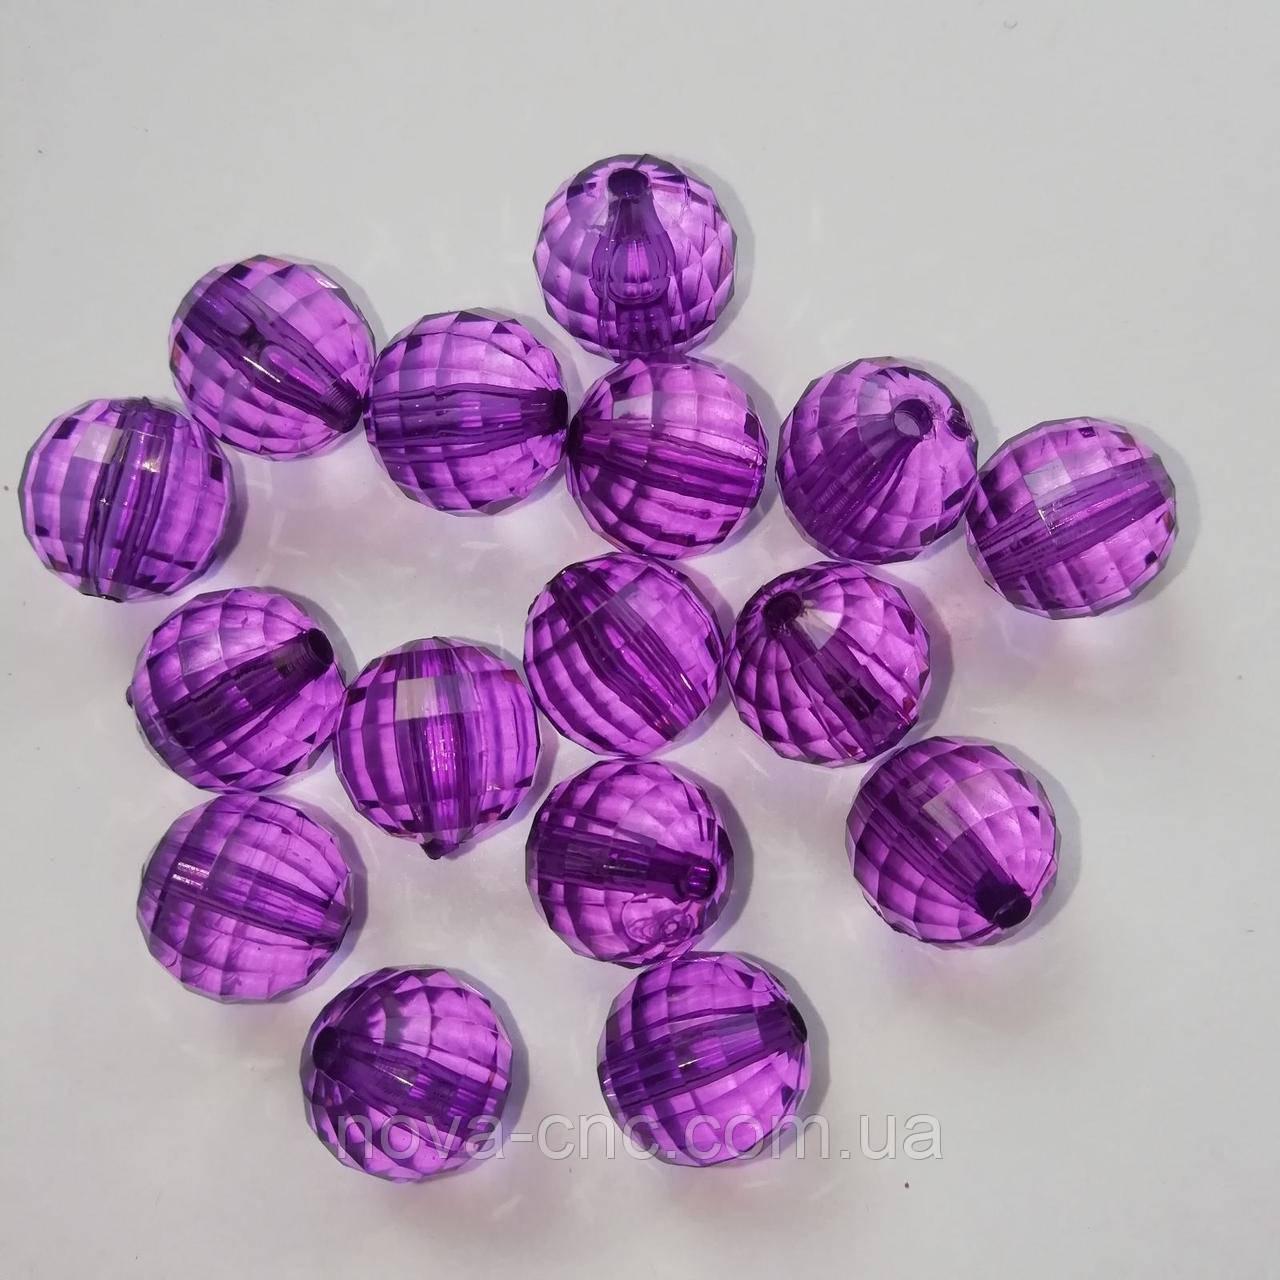 """Намистини акрил """"Куля грані"""" фіолетовий 12 мм 500 грам"""